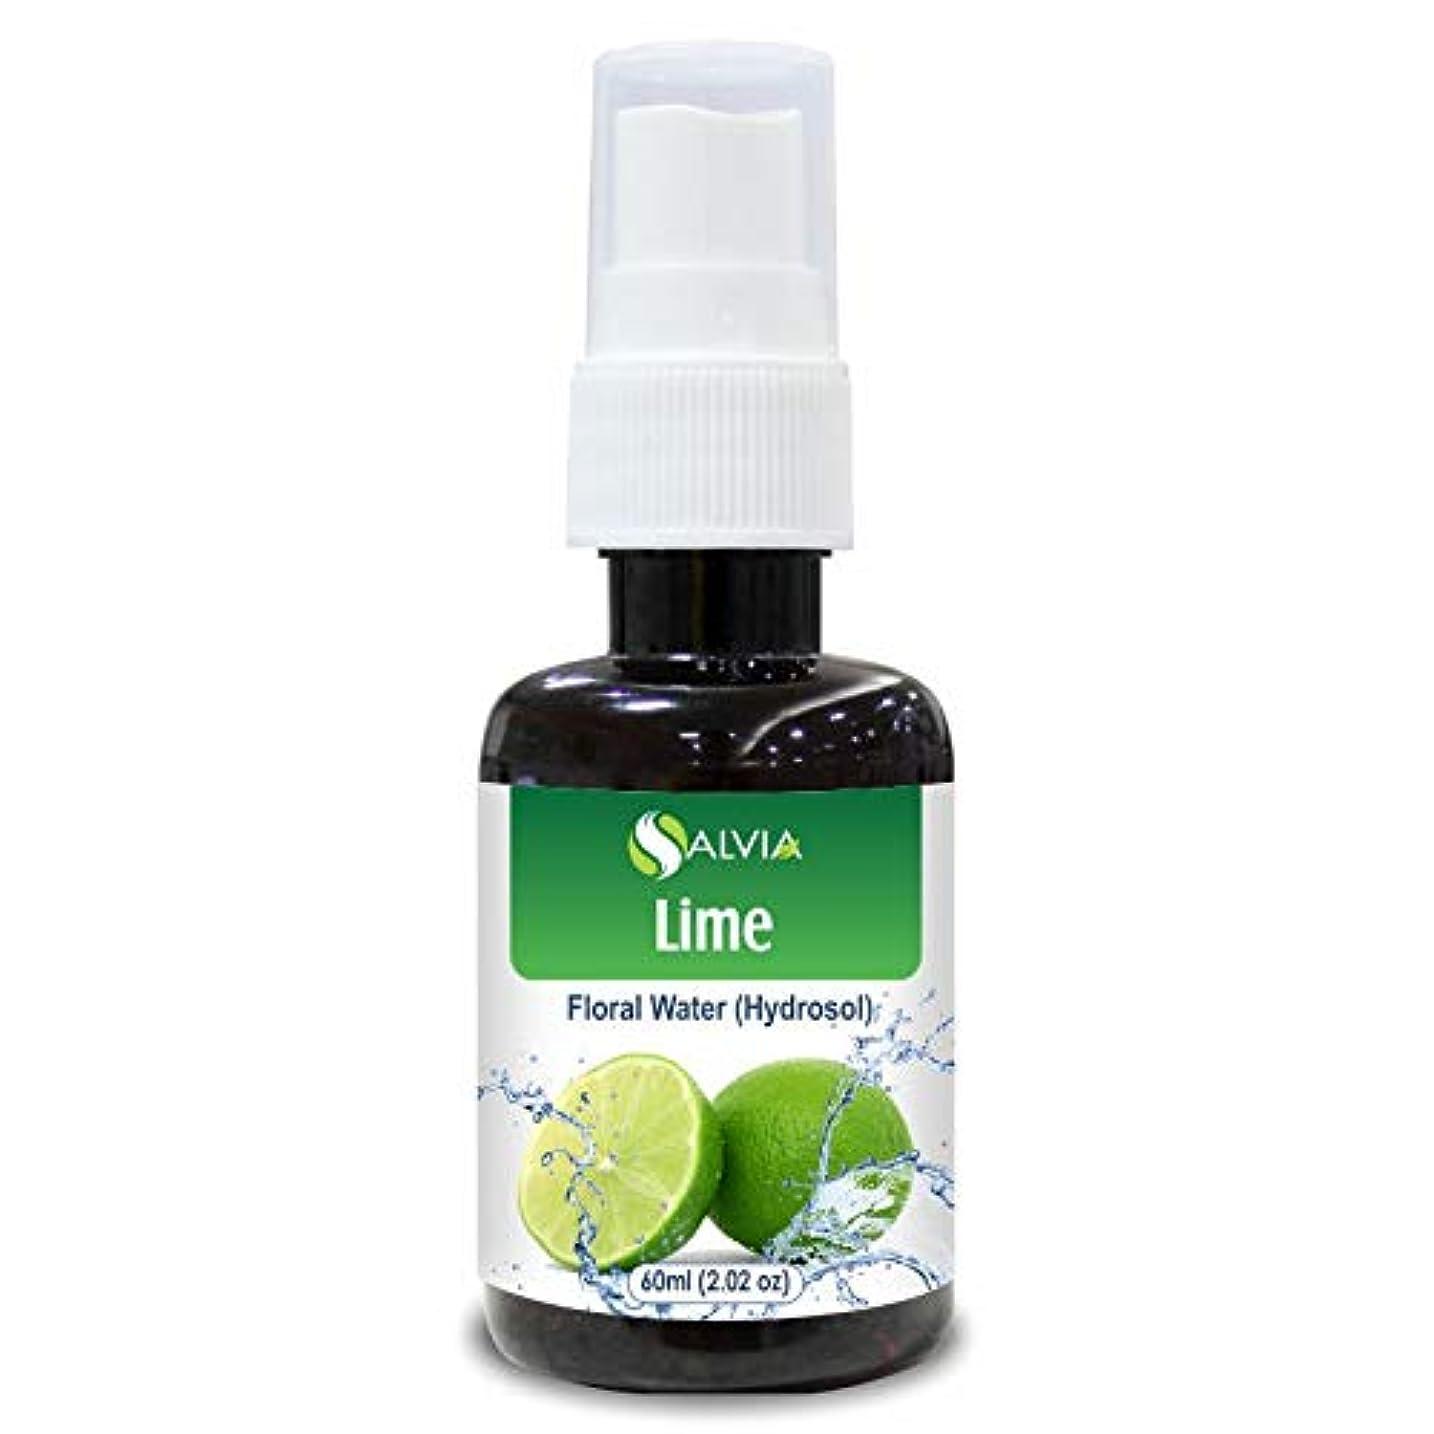 担当者受動的閉塞Lime Floral Water 60ml (Hydrosol) 100% Pure And Natural